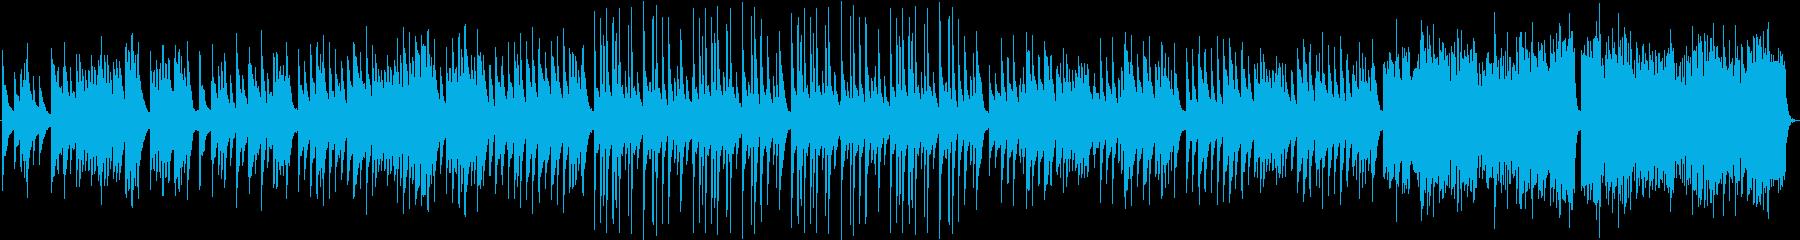 お正月の歌3曲メドレー(琴,笛)の再生済みの波形